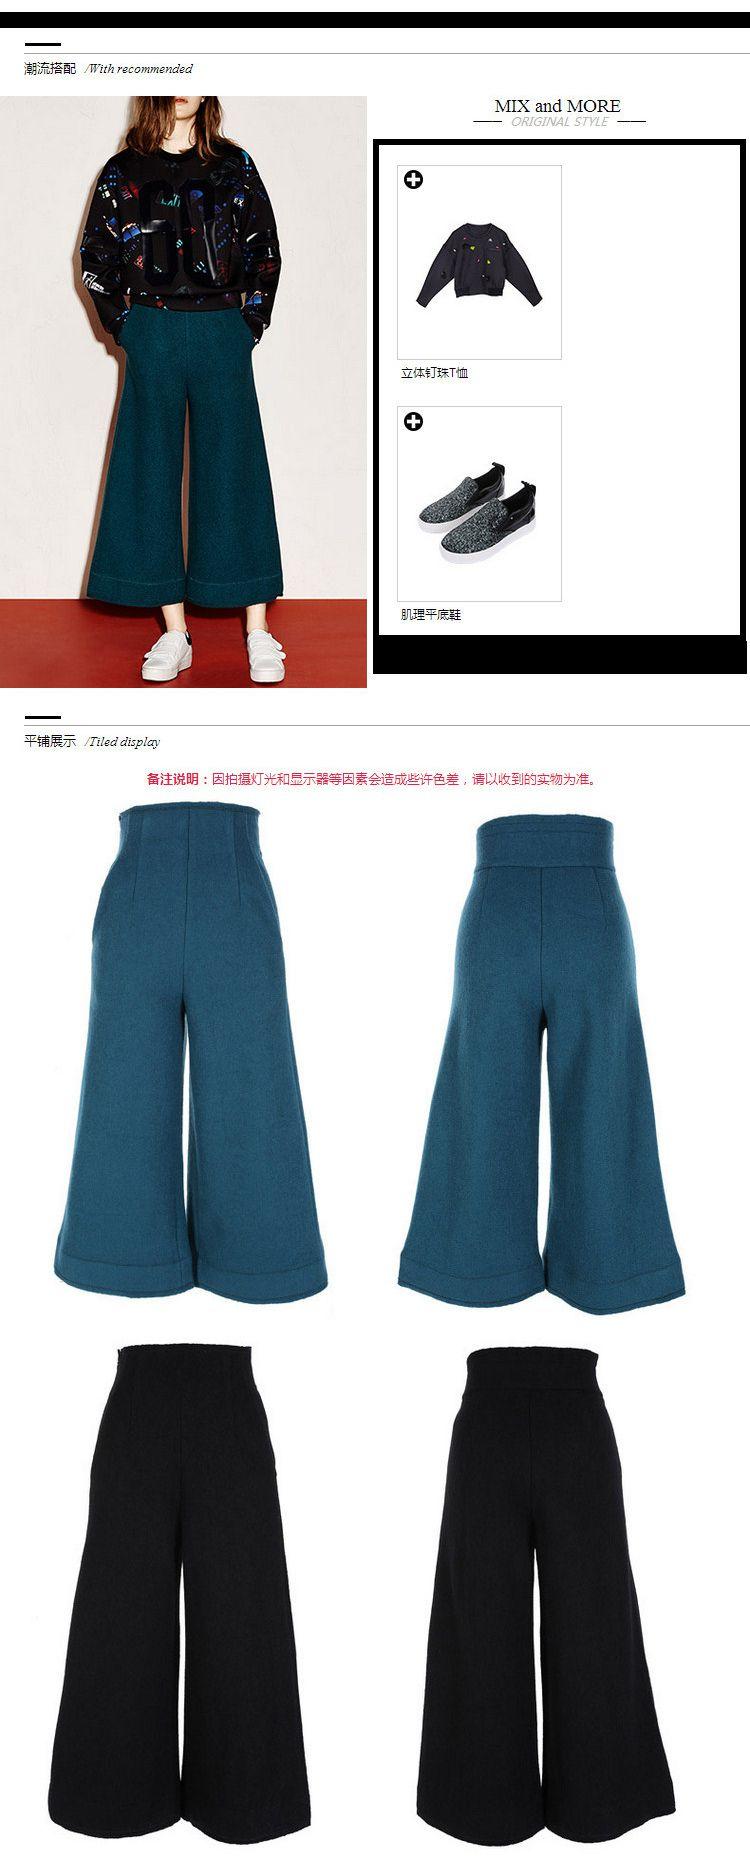 服_服装 工作服 制服 750_1875 竖版 竖屏